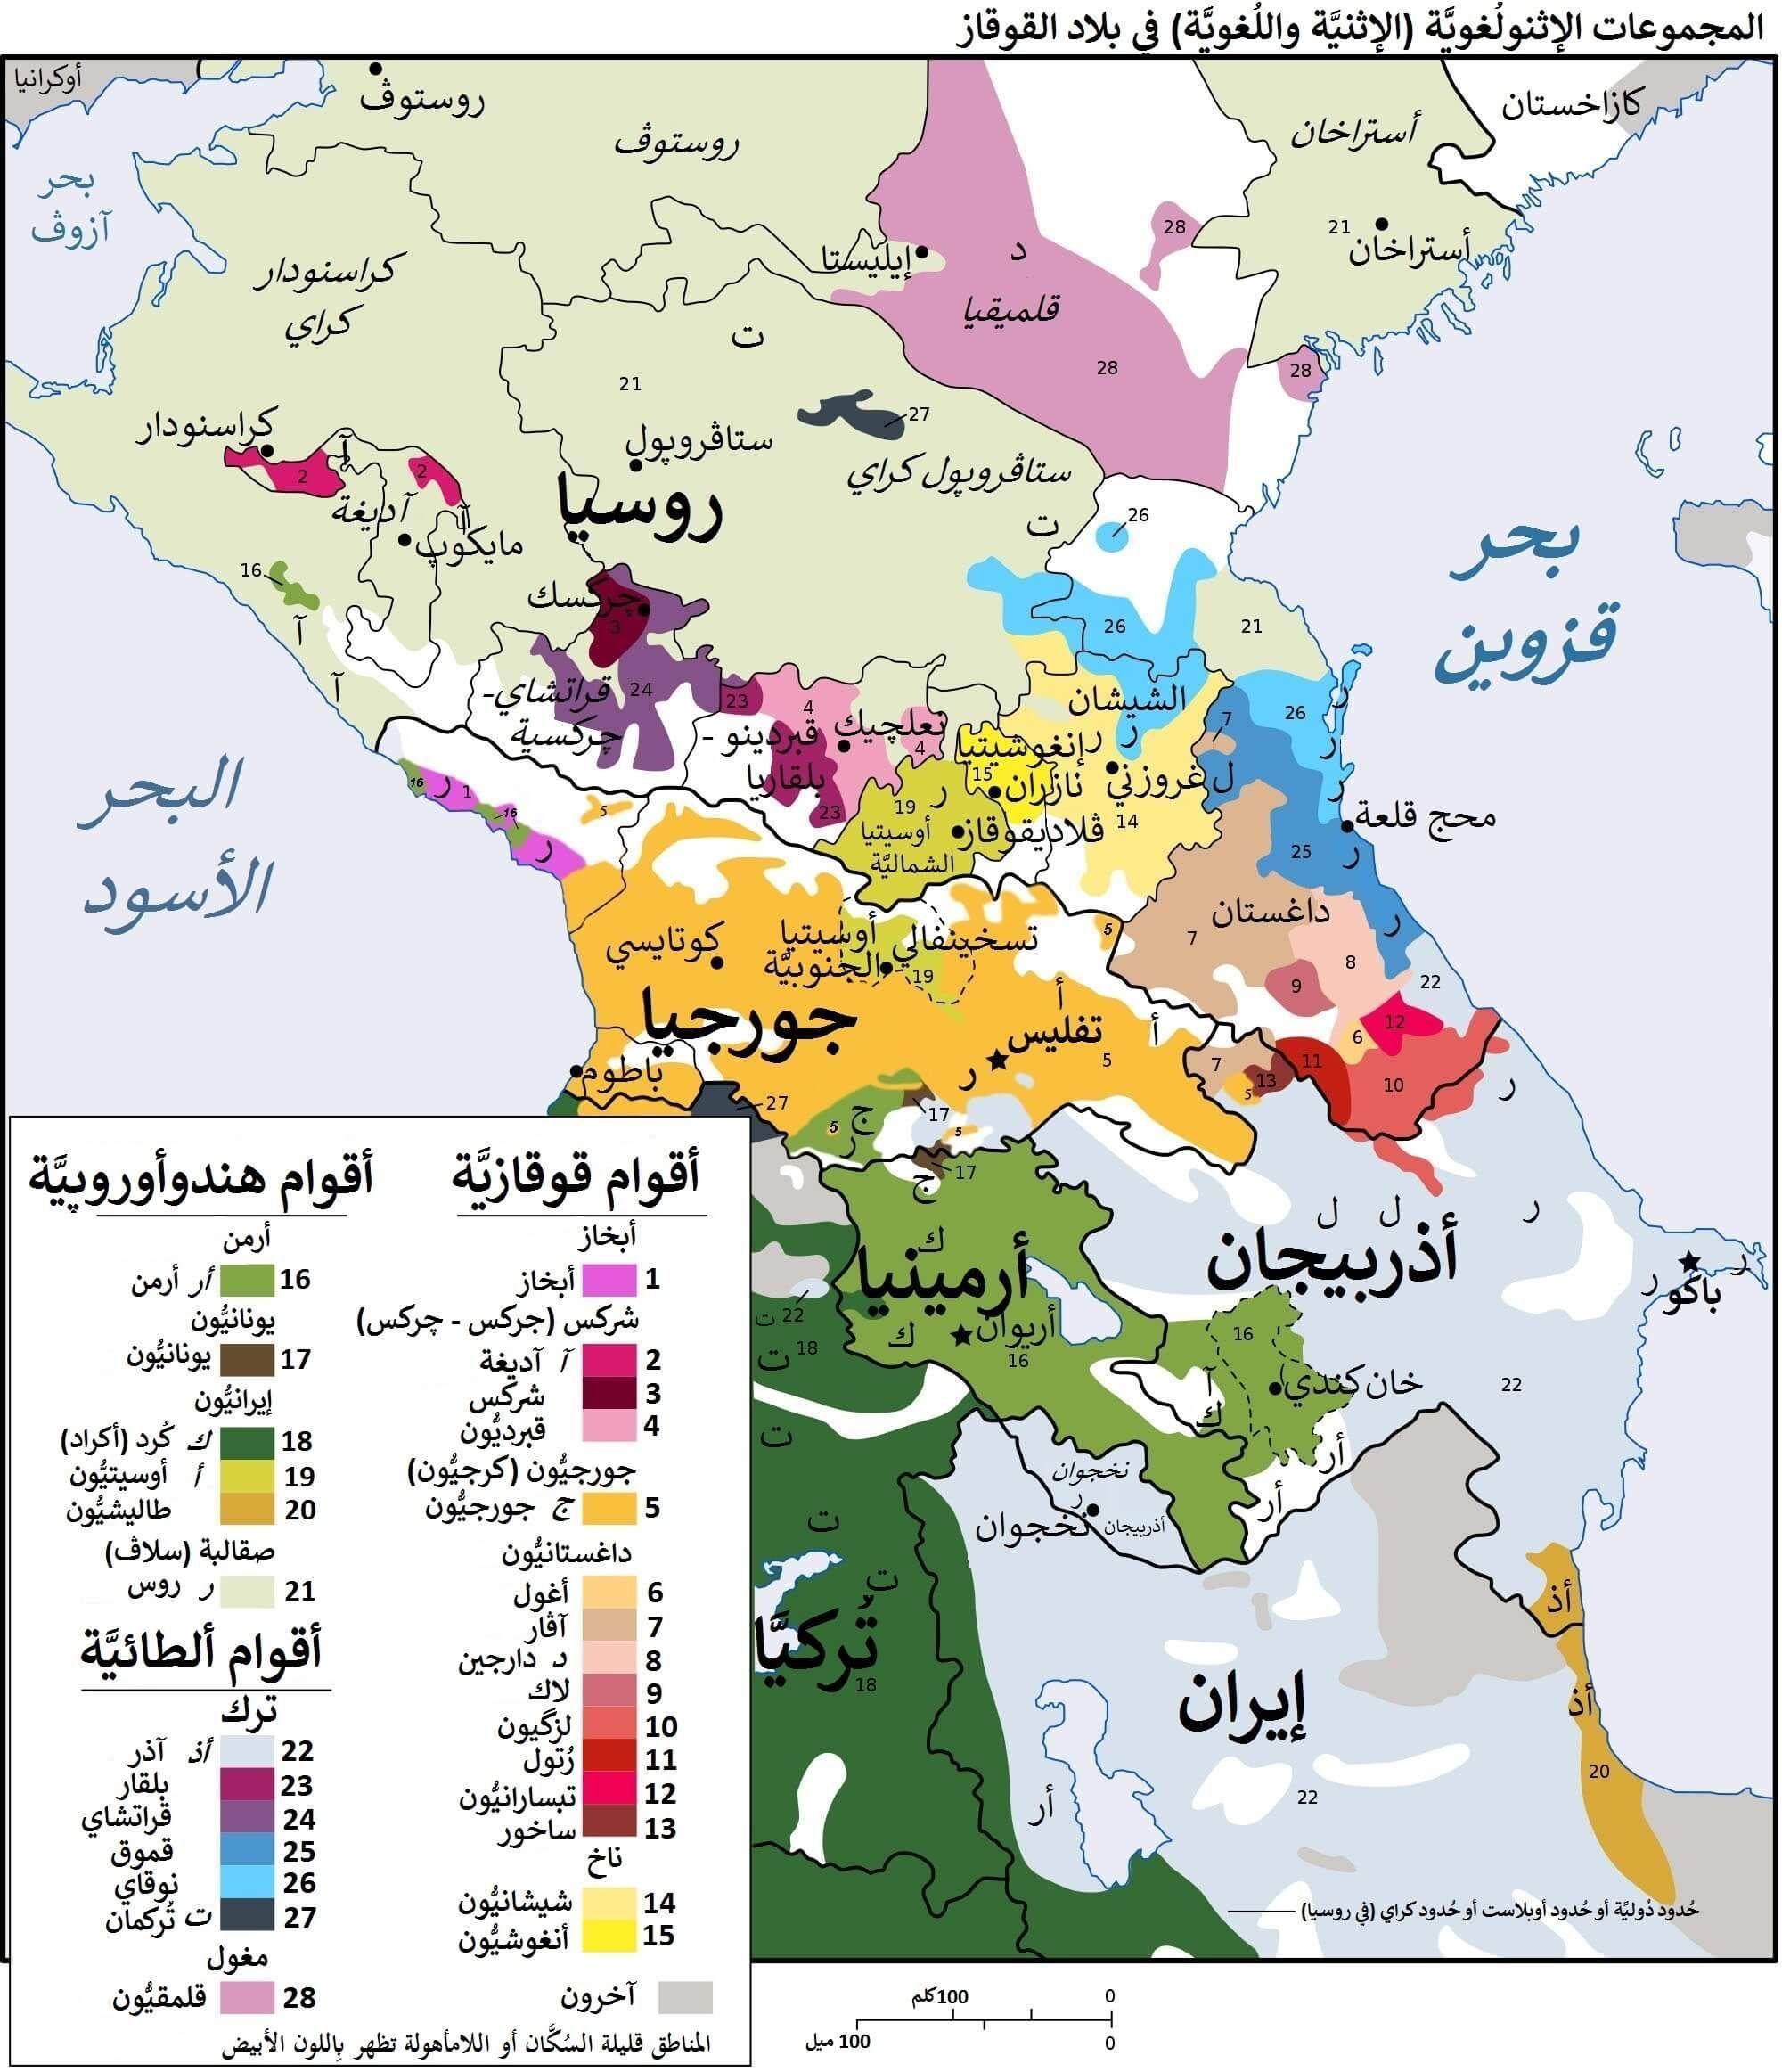 ethnic_groups_in_caucasus_region_2009-ar